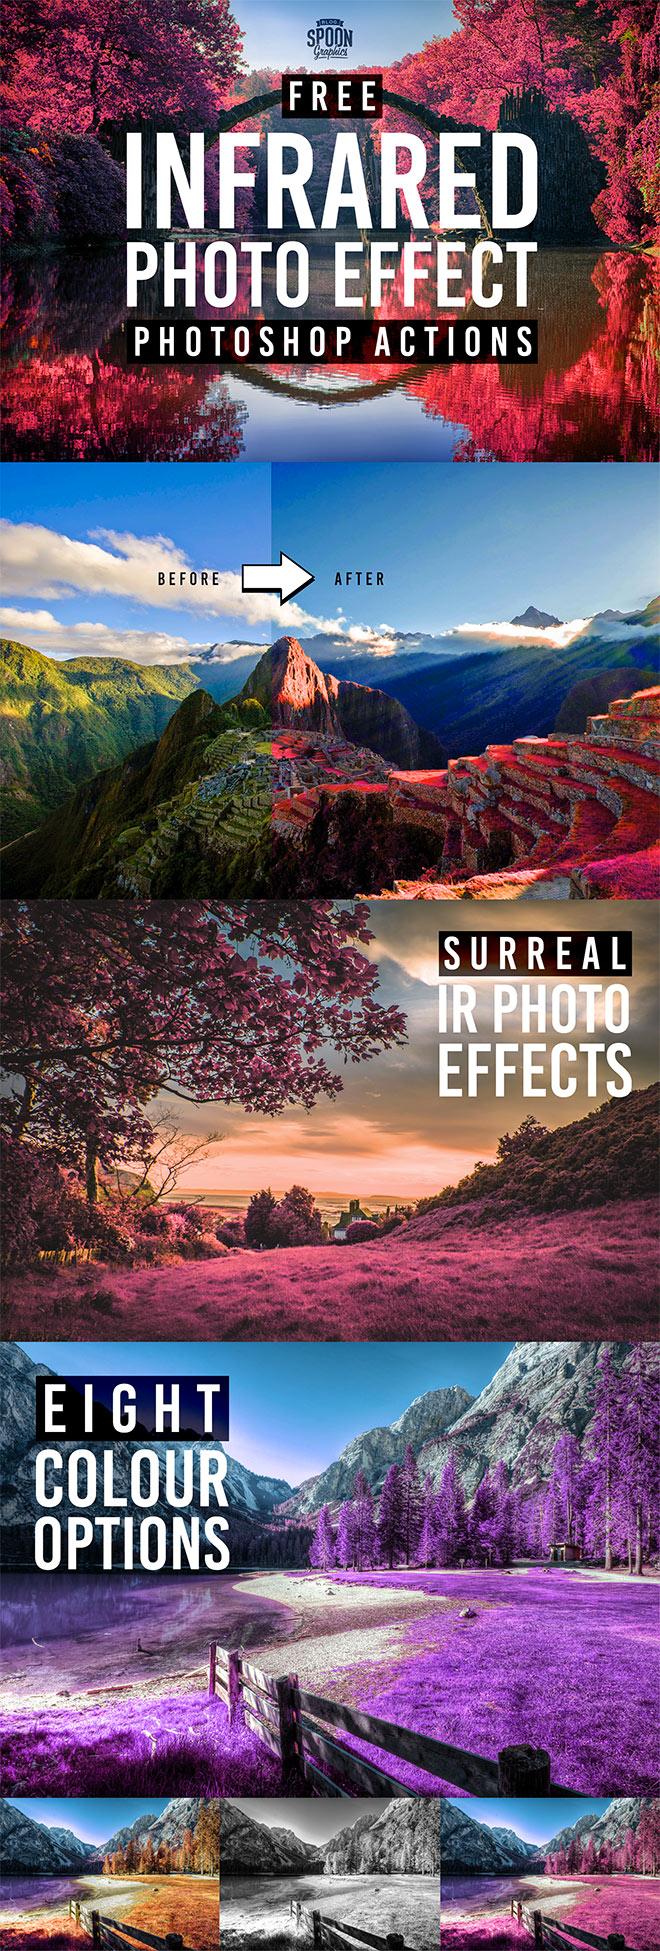 Adobe Photoshop的8种免费红外照片效果操作